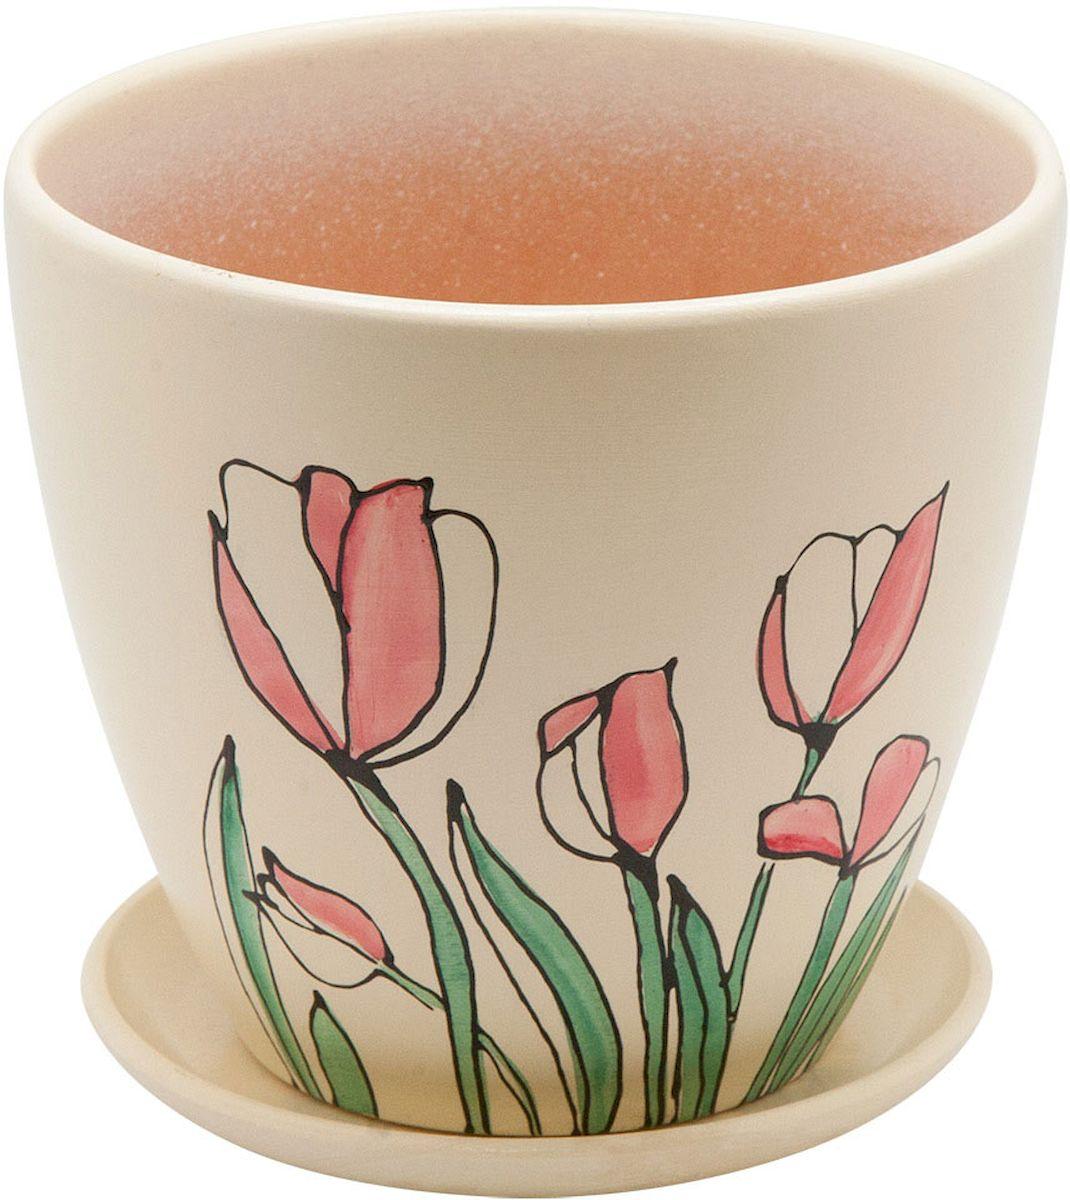 Горшок цветочный Engard, с поддоном, 4,7 л. BH-12-3531-402Керамический горшок - это идеальное решение для выращивания комнатных растений и создания изысканности в интерьере. Керамический горшок сделан из высококачественной глины в классической форме и оригинальном дизайне.